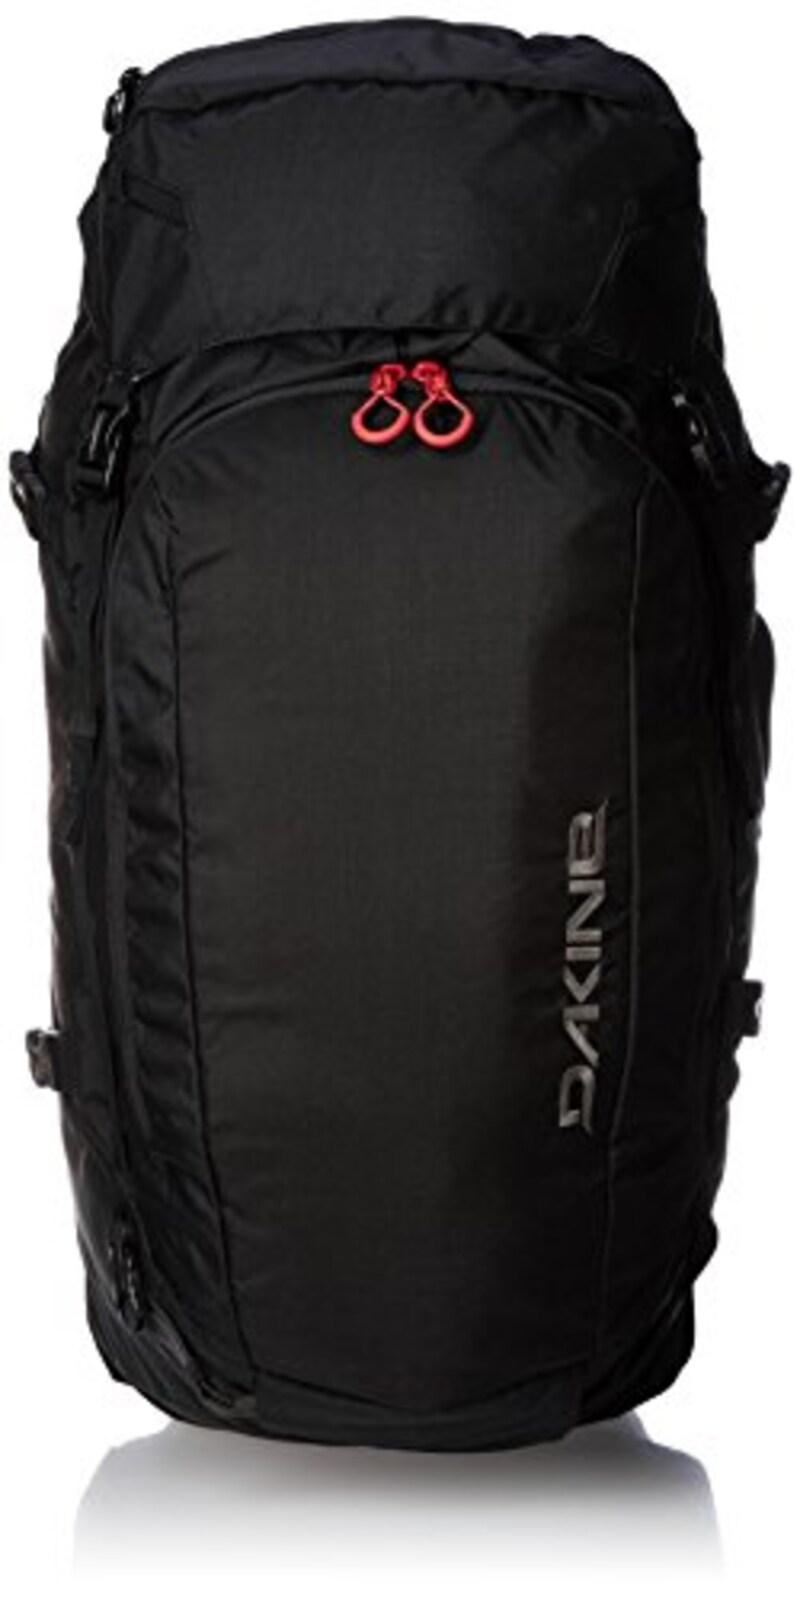 DAKINE(ダカイン),リュック (スキー・スノーボード 持ち運び可能),AH237-070